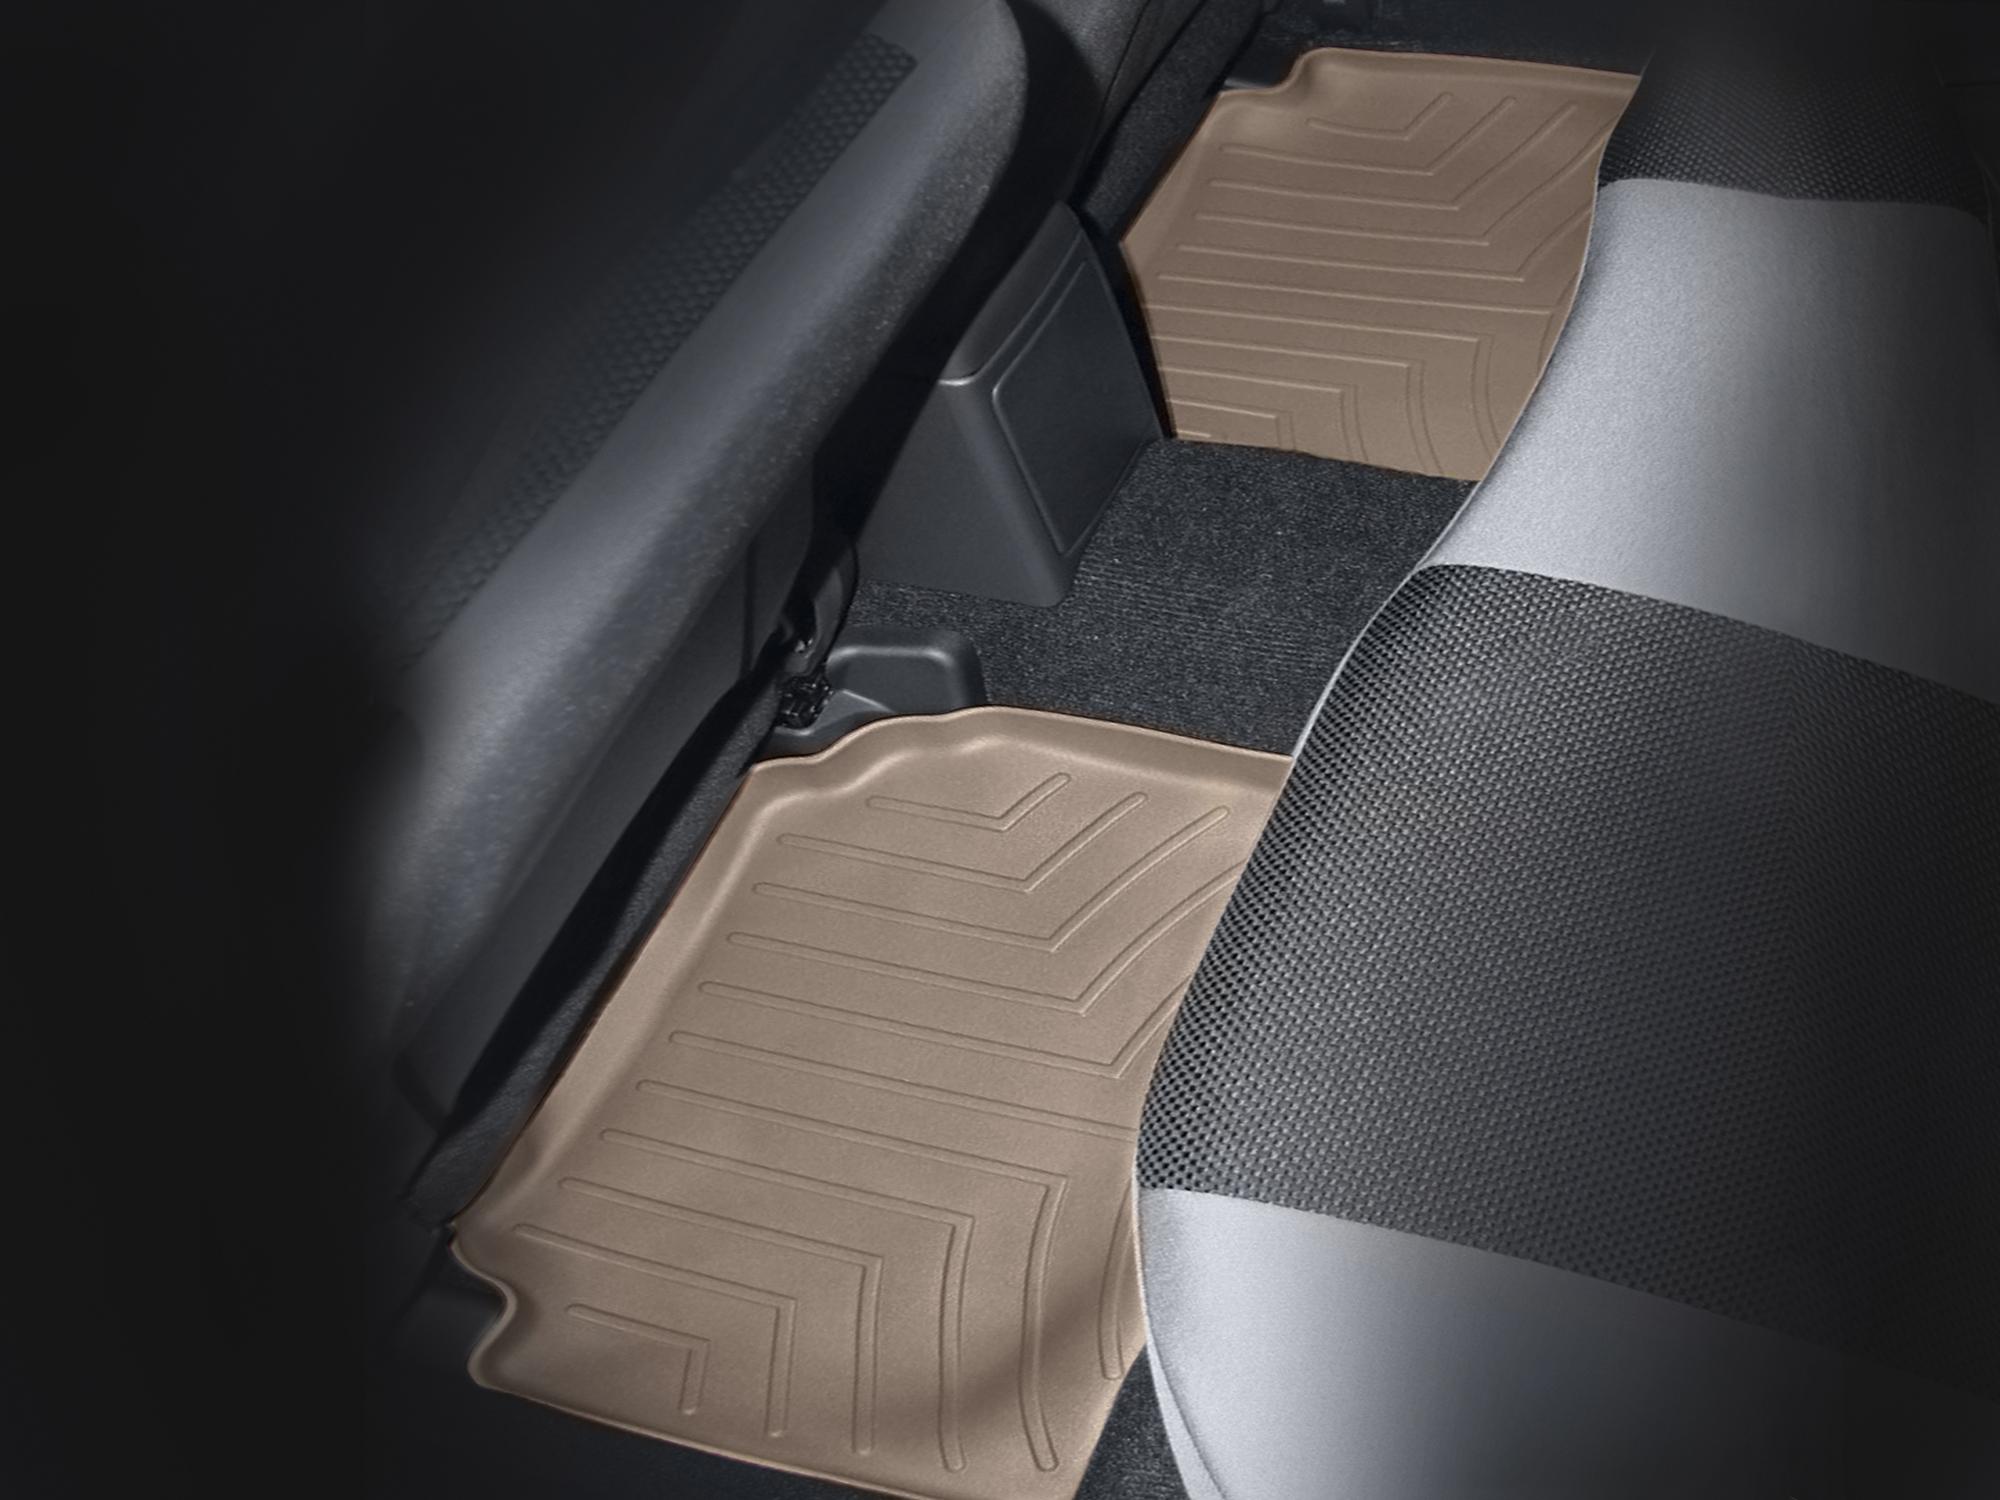 Tappeti gomma su misura bordo alto Subaru Impreza WRX STi 02>06 Marrone A3450